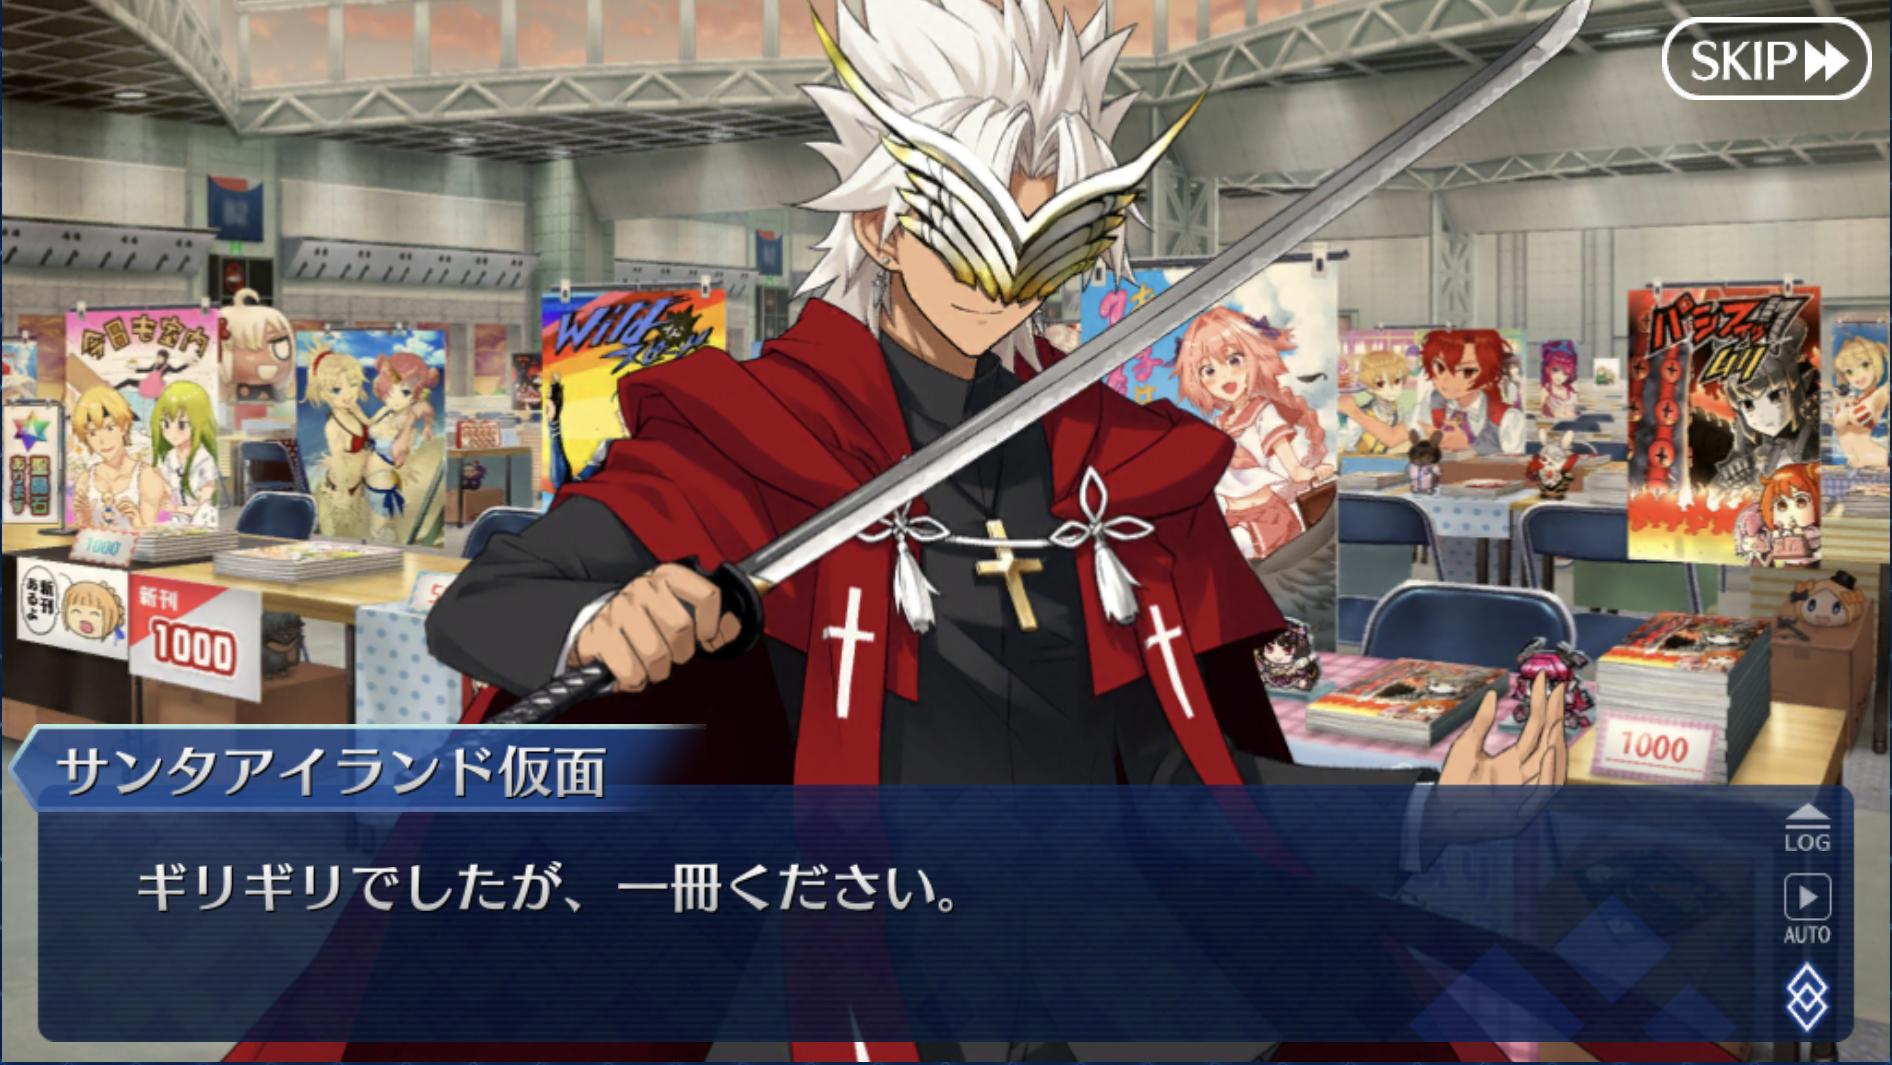 「一番くじ Fate/Grand Order〜夜空を駆けるサンタクロース、ふわっと登場!〜」が2018年12月29日(土)より順次発売予定!-17